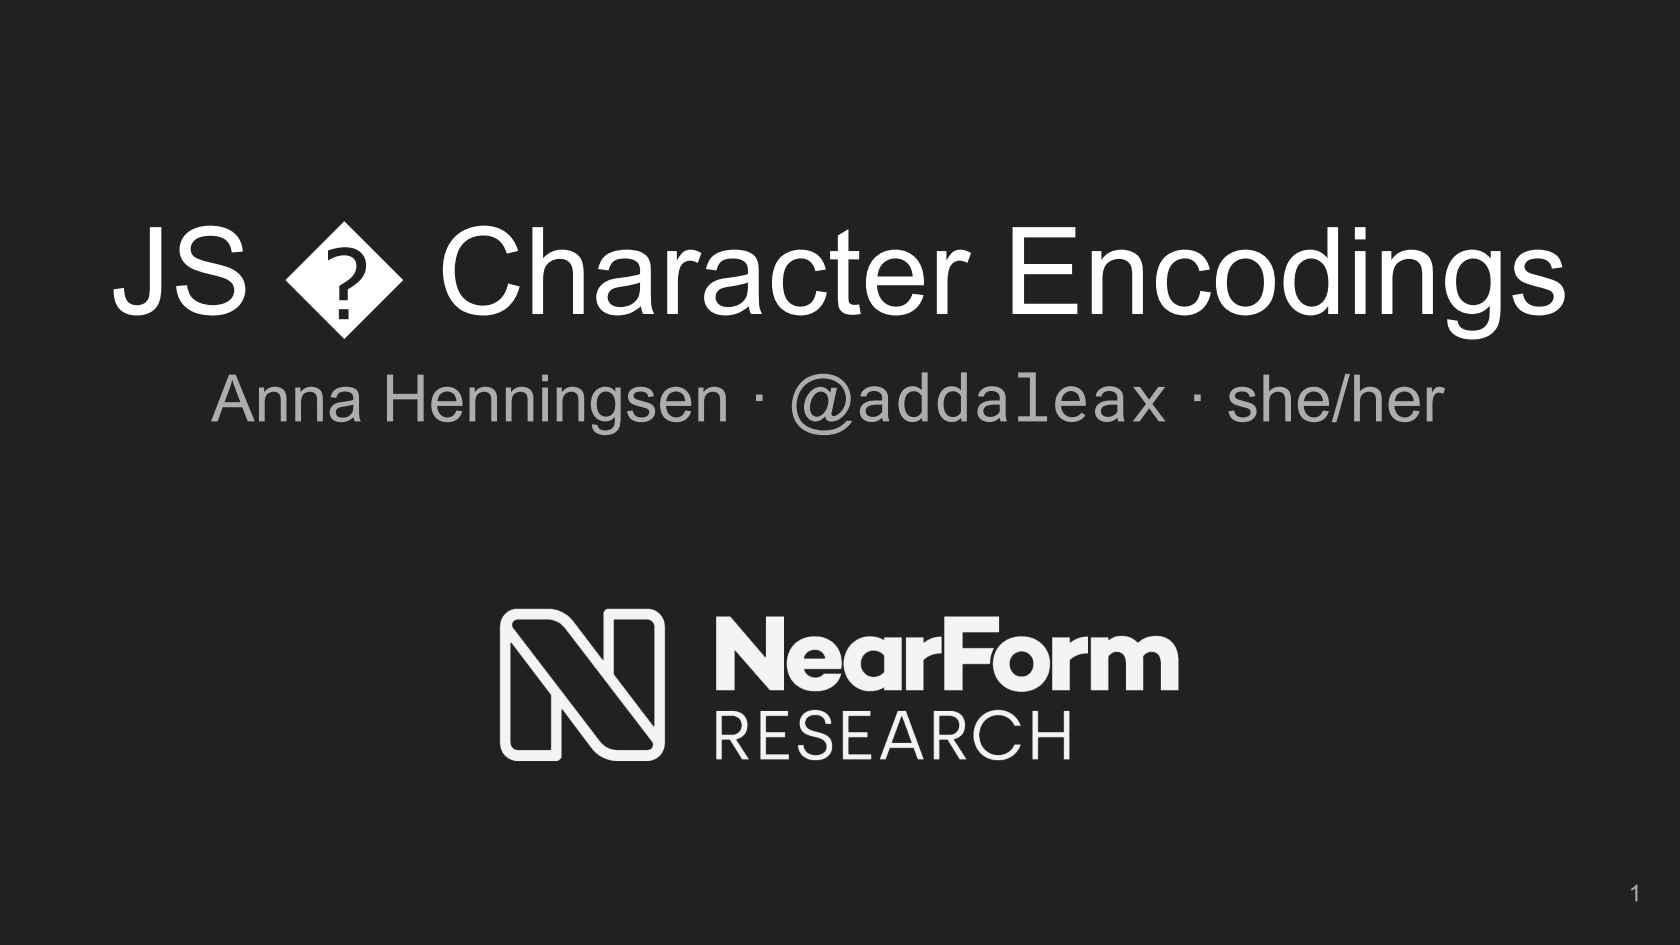 JS   Character Encodings